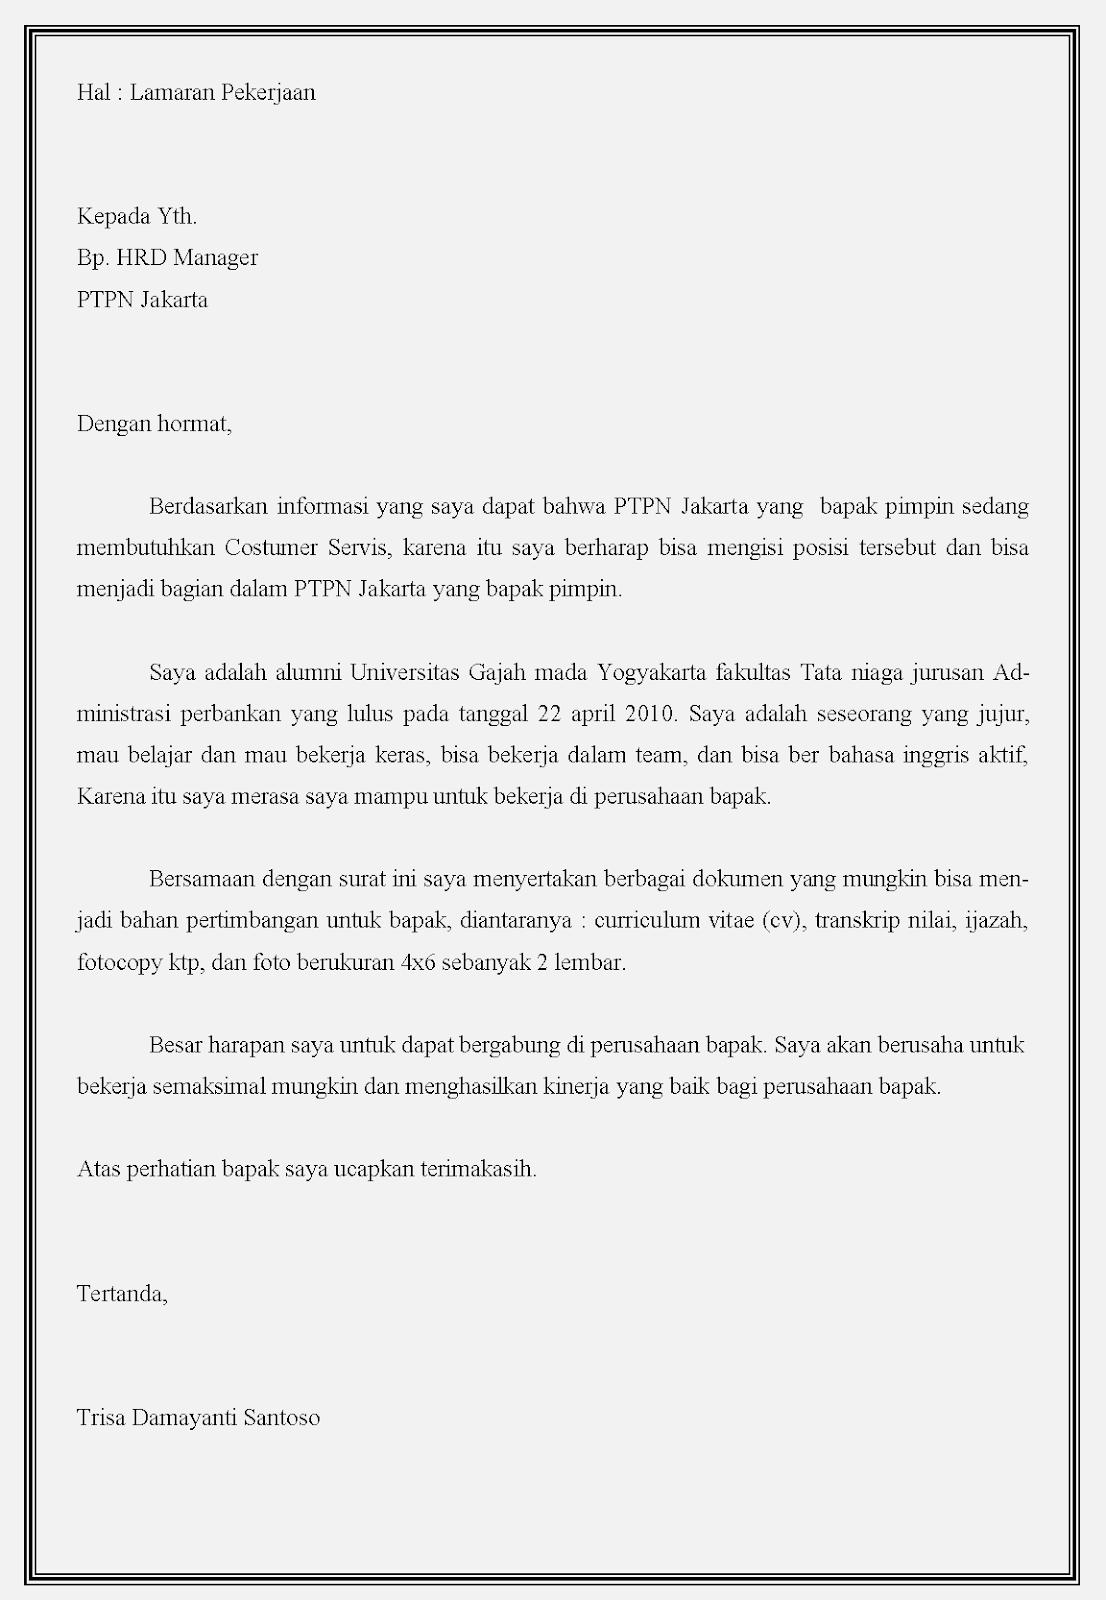 Contoh surat lamaran kerja bumn ptpn